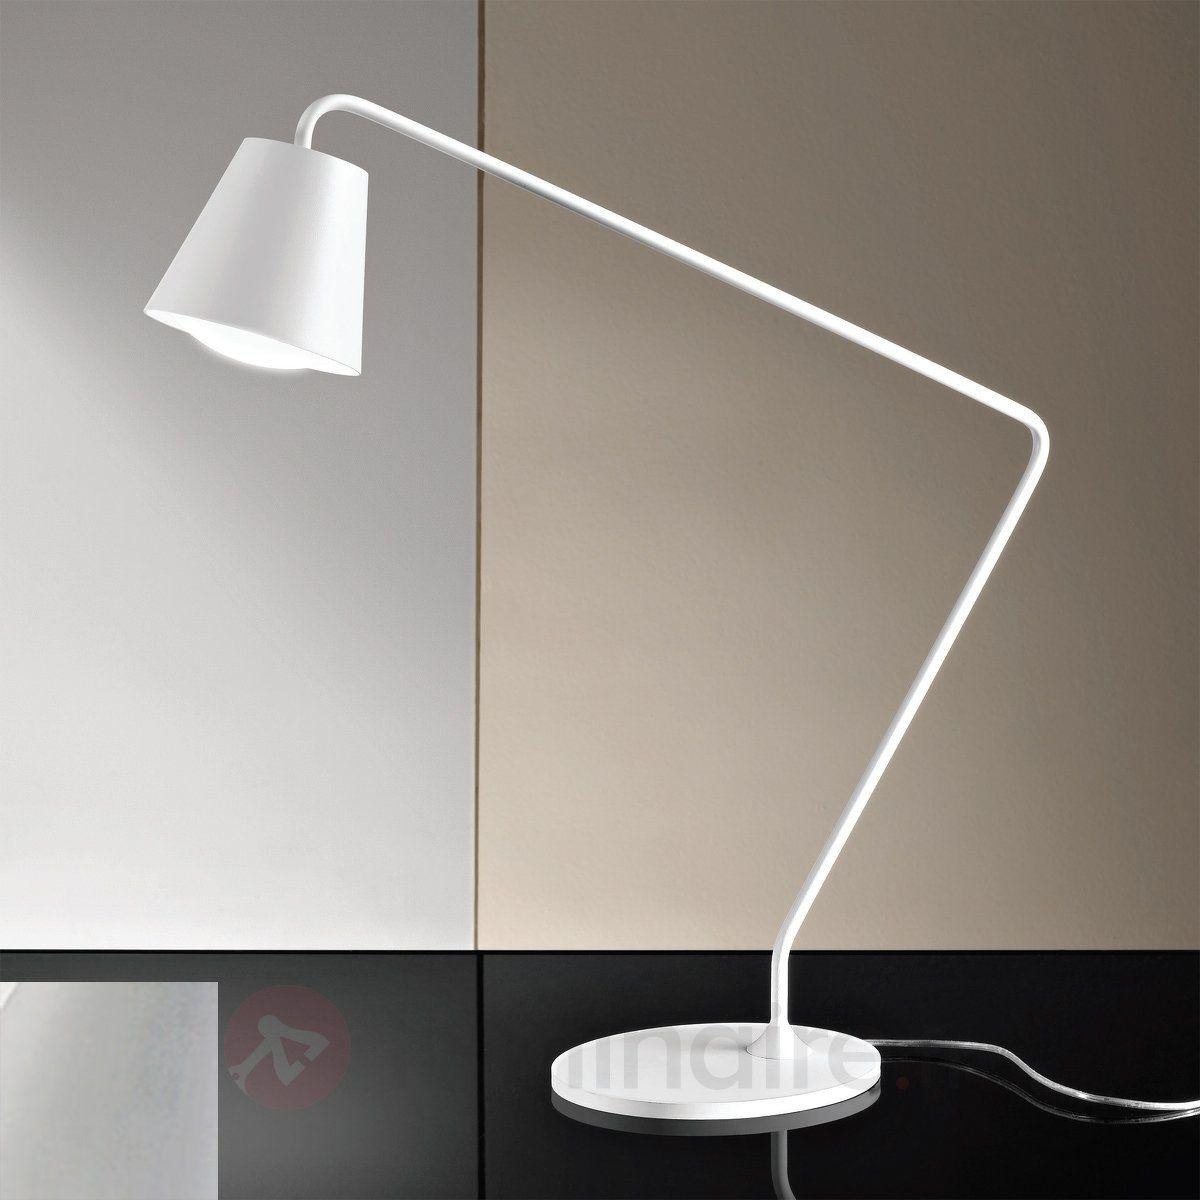 Lampe A Poser Led Conus 6043142x Lampe De Bureau Lampe De Table Moderne Lampes De Table